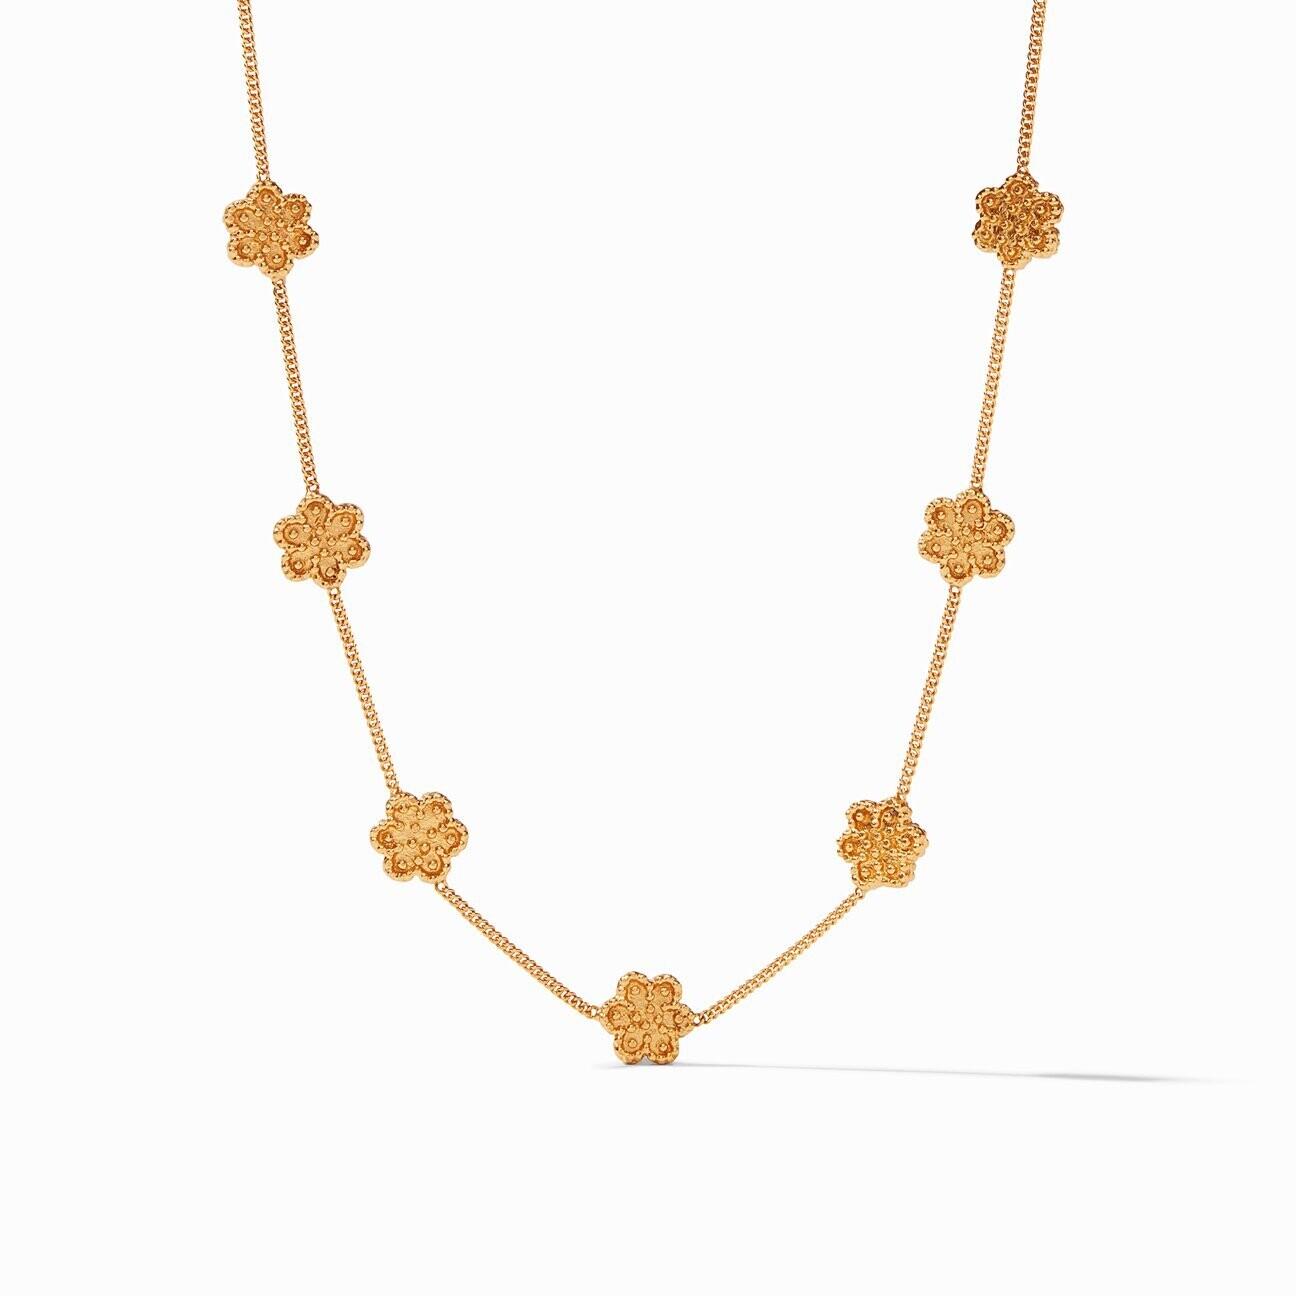 JULIE VOS Colette Delicate Station Necklace